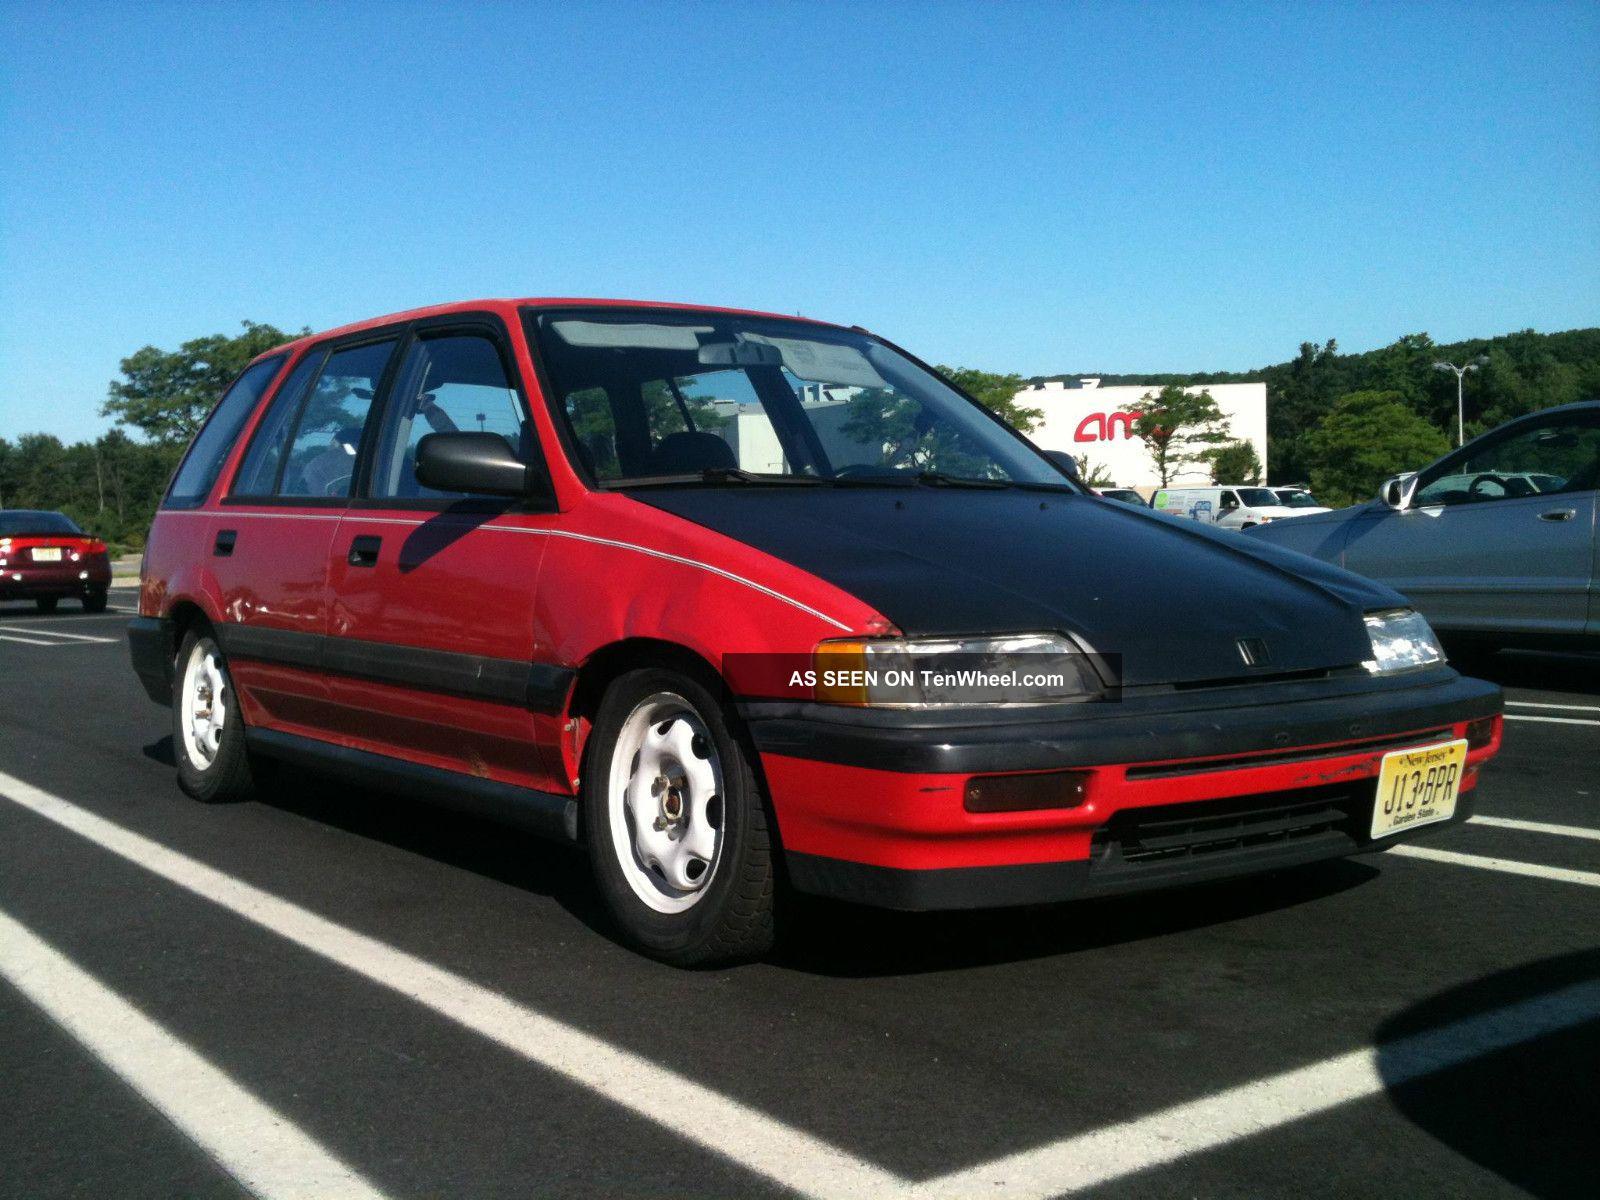 1990 honda civic rt4wd wagon 1 6 vtec 1992 Honda Civic Hatchback 2009 Honda Civic Service Manual